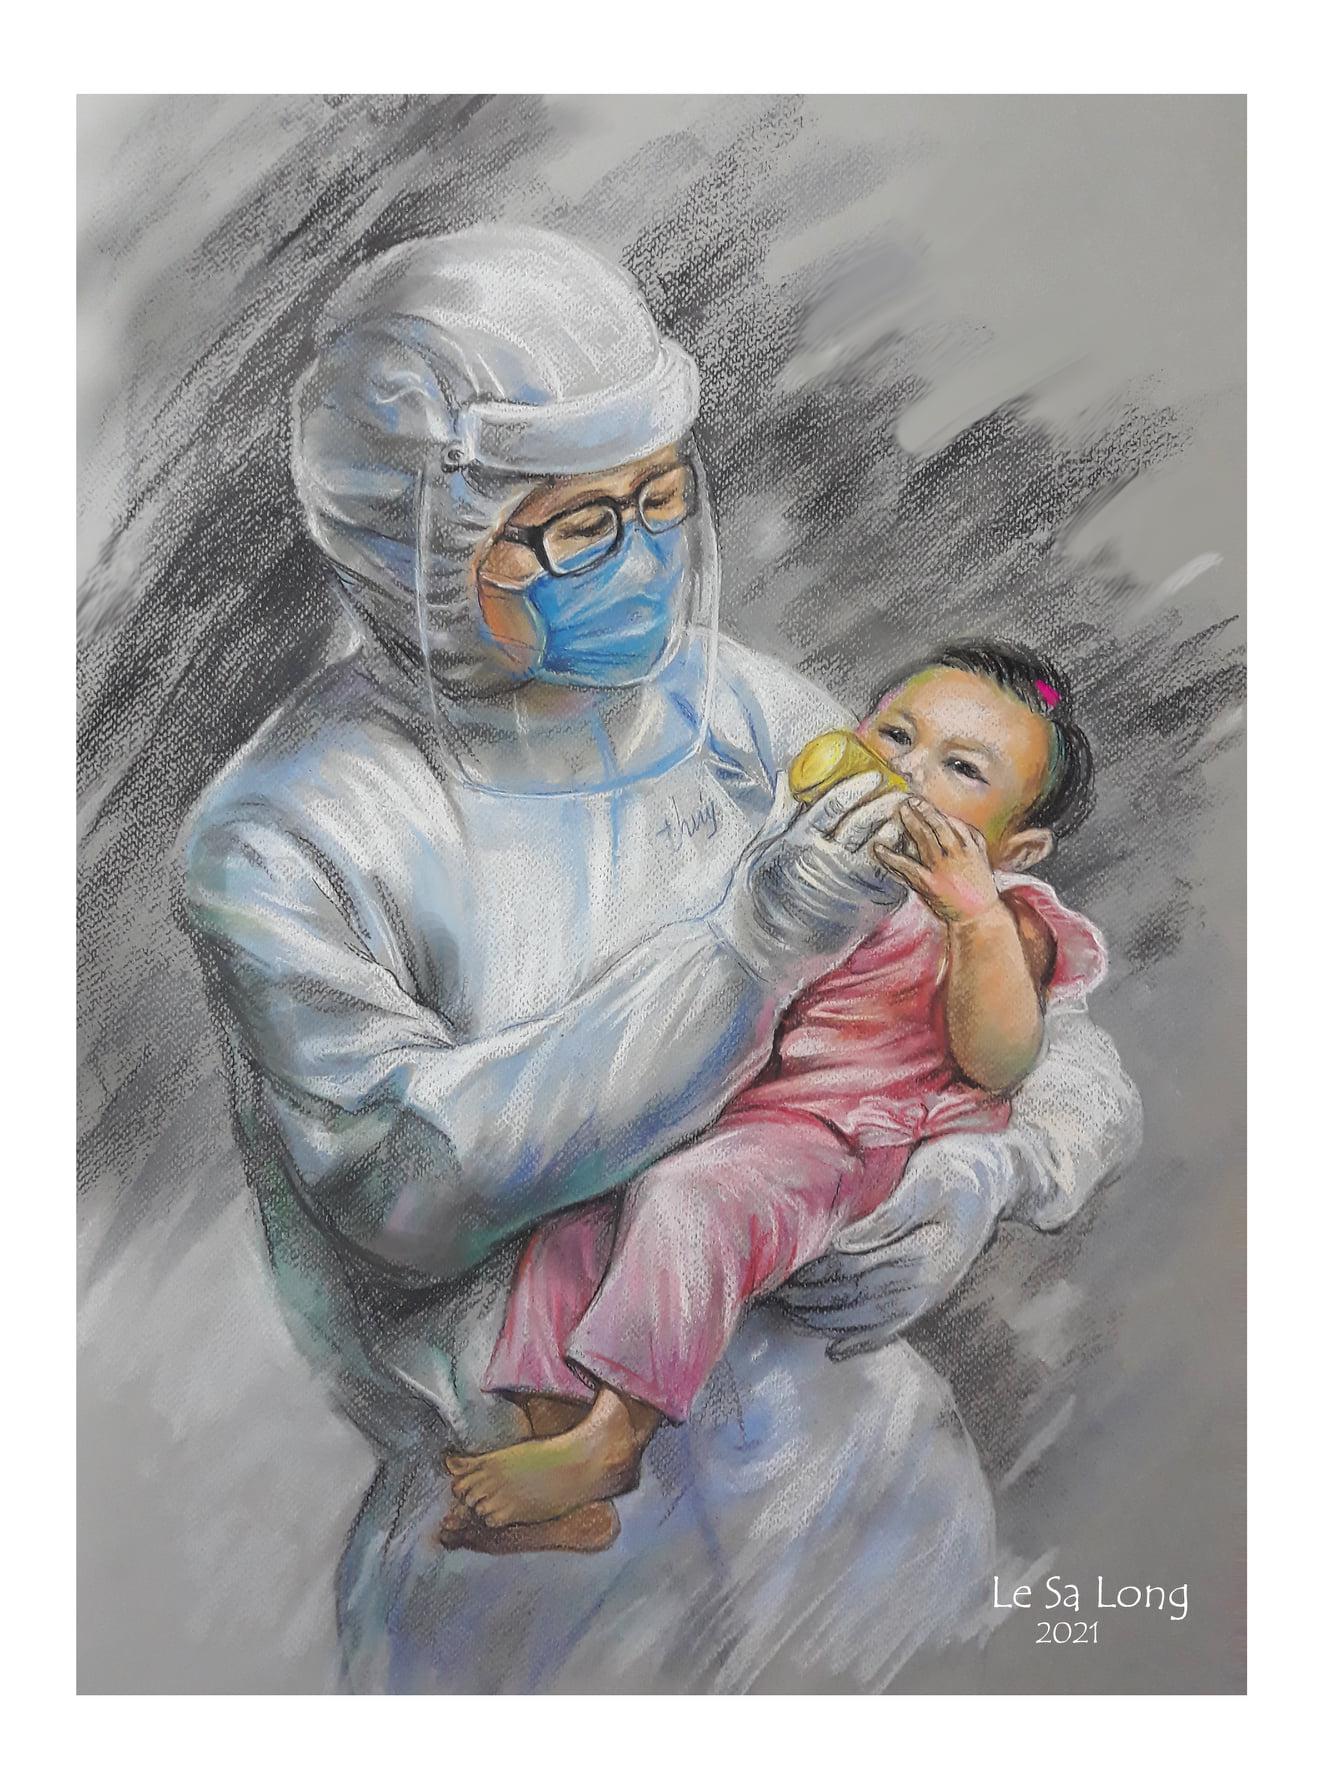 Hình ảnh bác sĩ làm thay vai trò người mẹ, cho em bé uống sữa trong